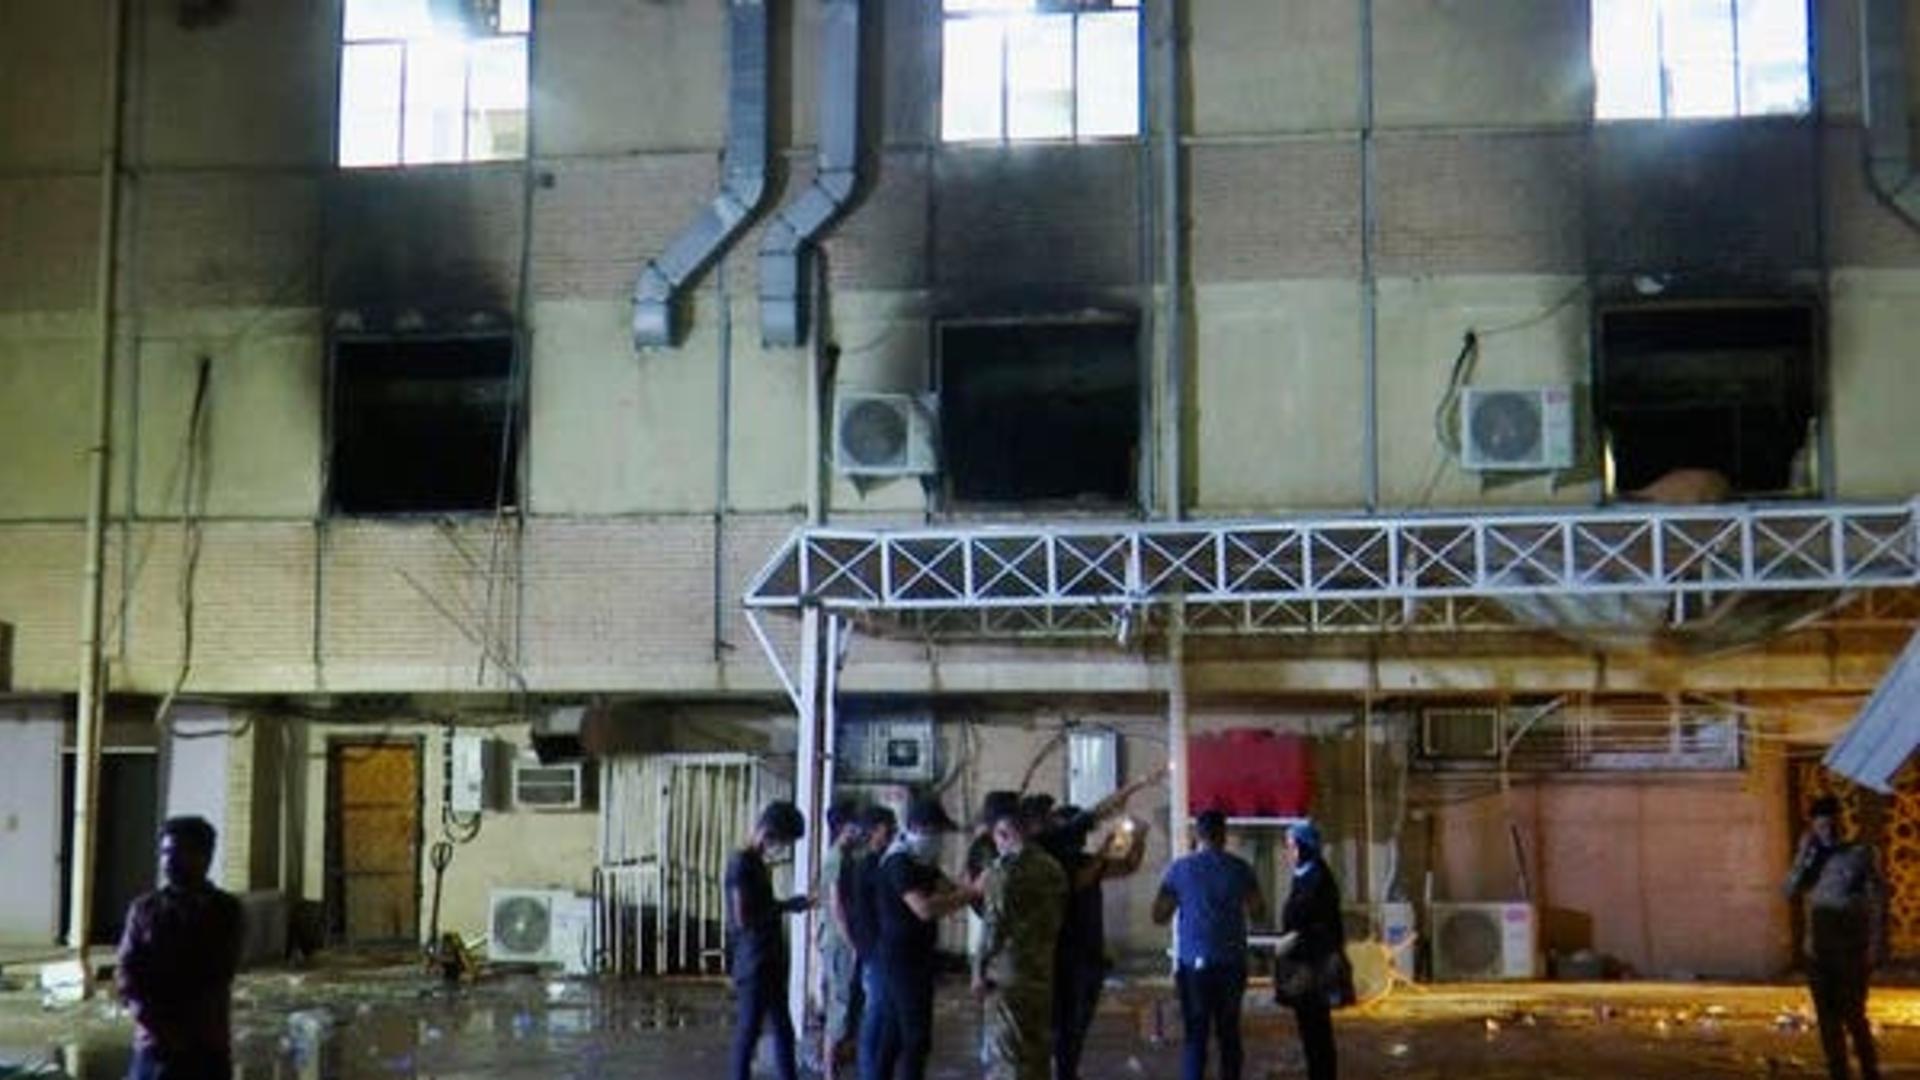 إحالة وزير الصحة ومحافظ بغداد ومدير صحة الرصافة إلى التحقيق بعد حريق ابن الخطيب